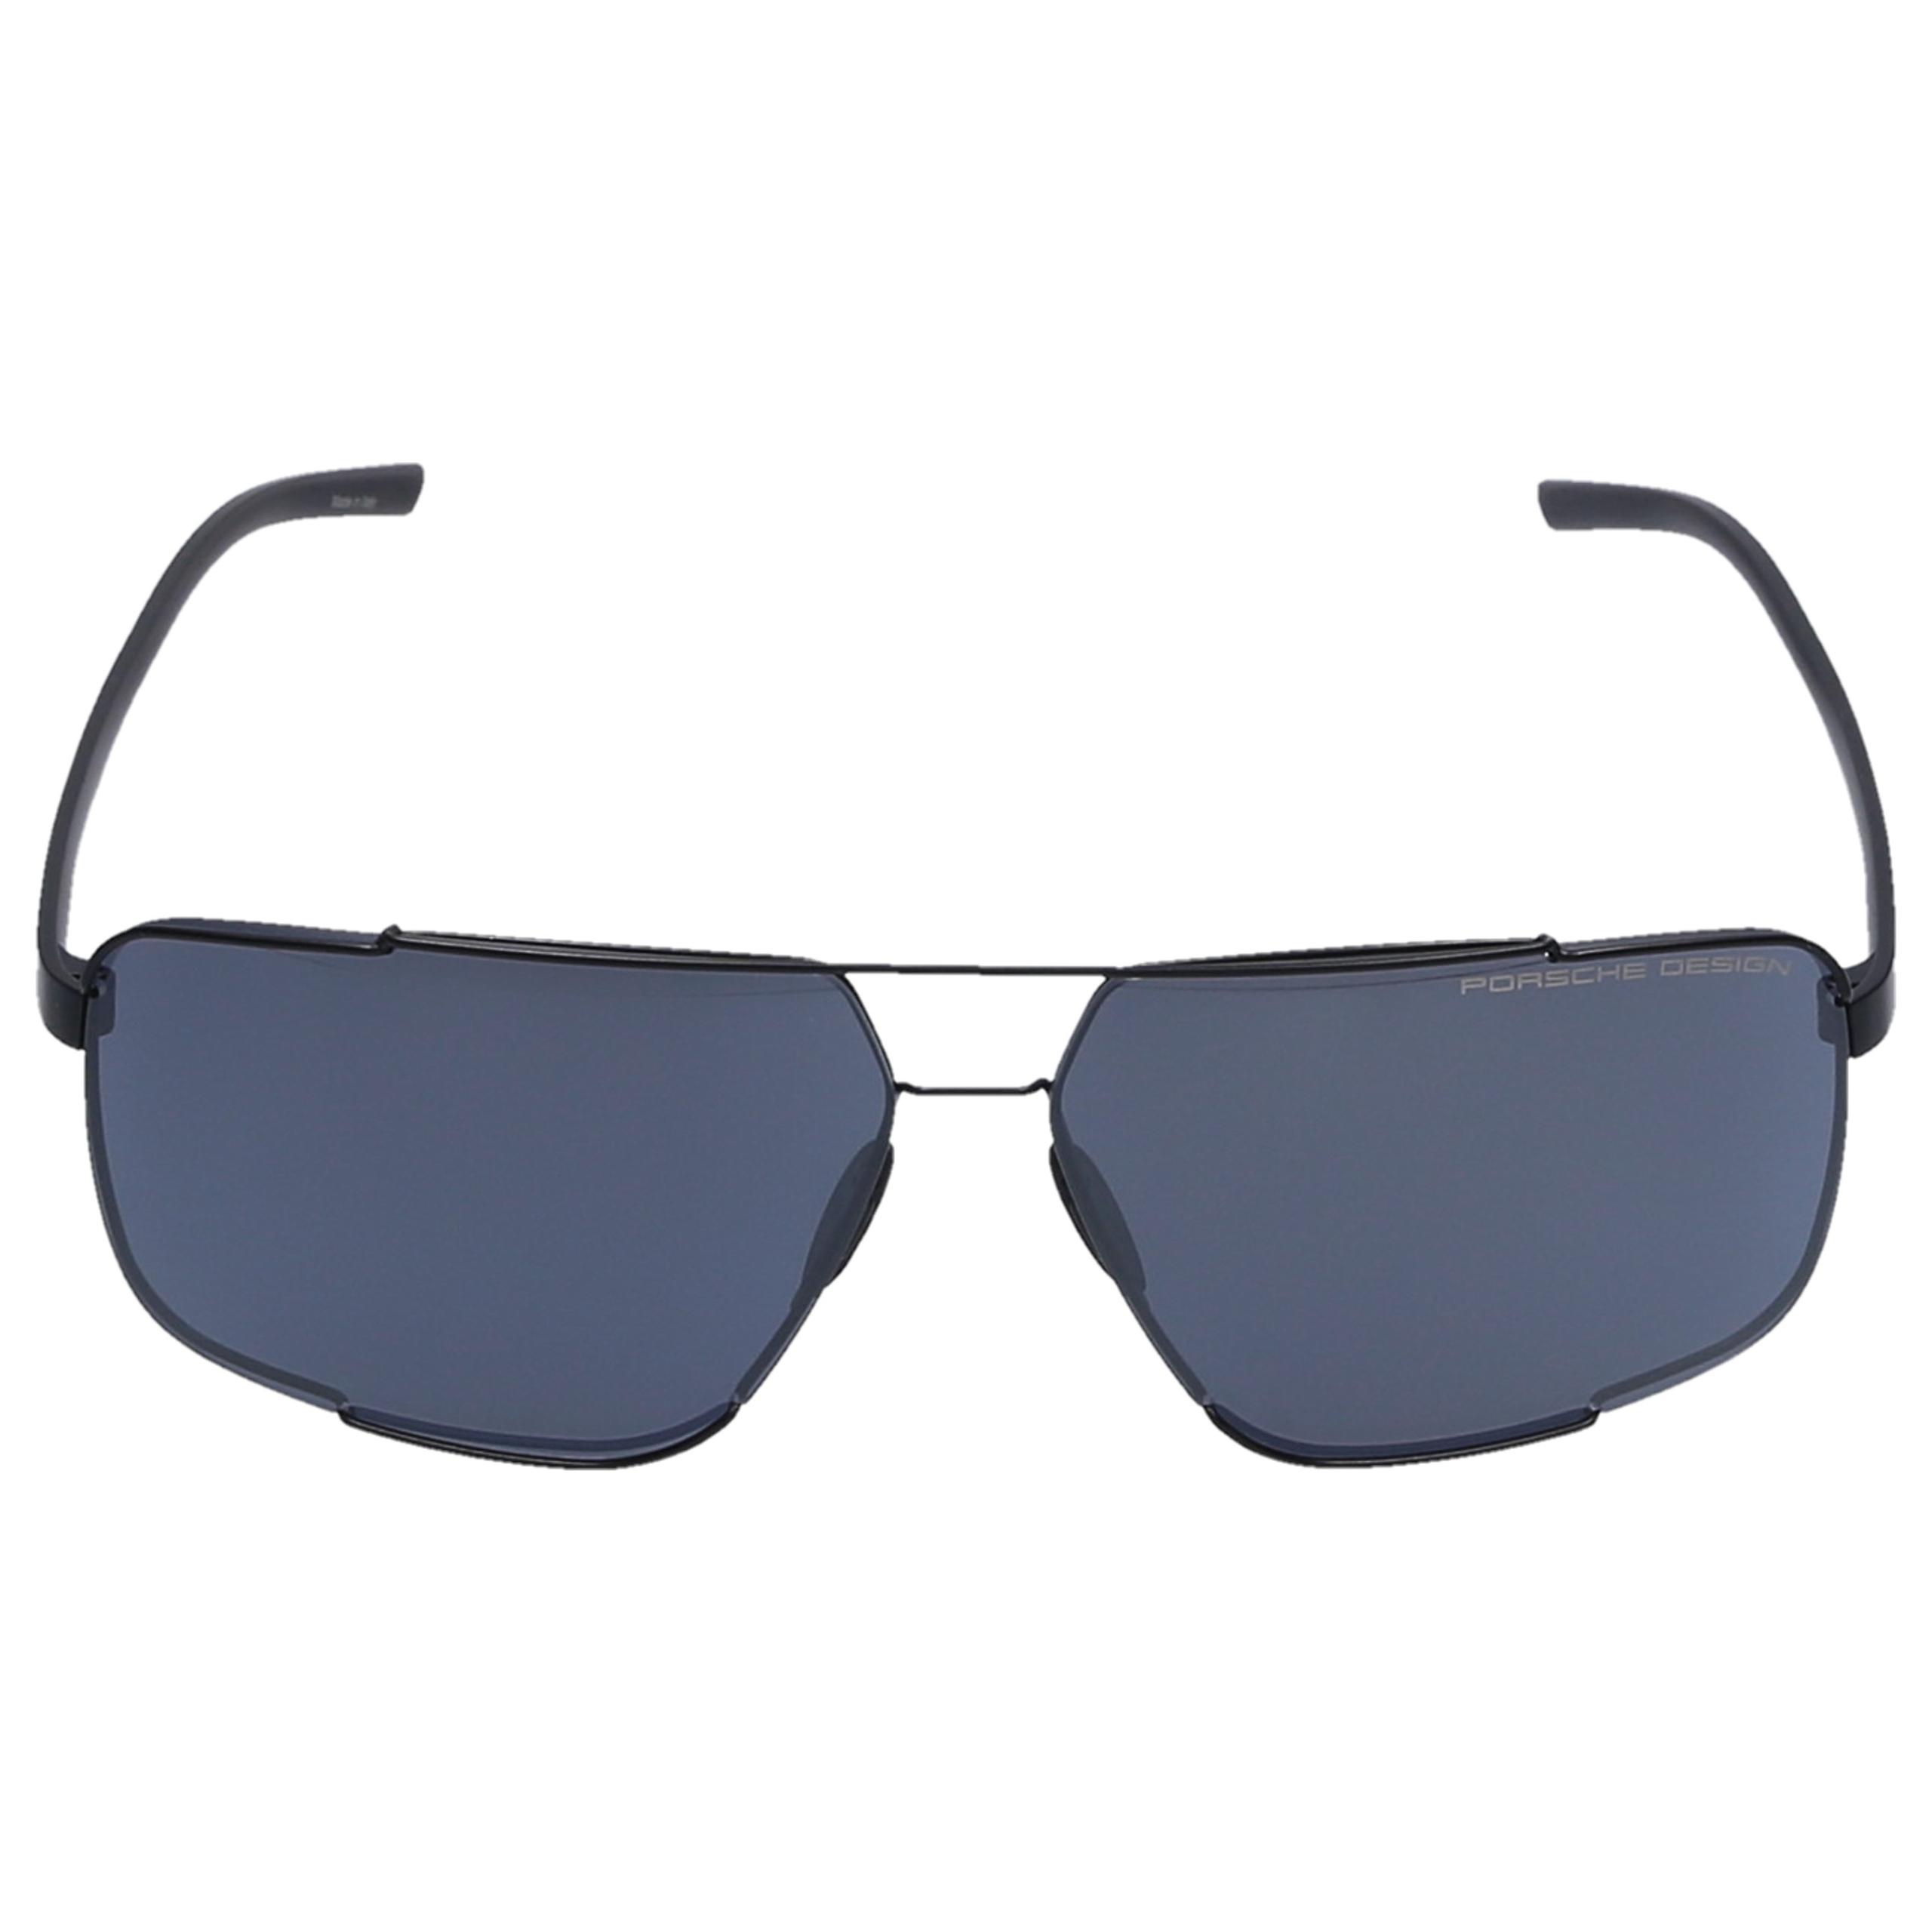 Sonnenbrille Square P8681 A 66/12 Acetat schwarz